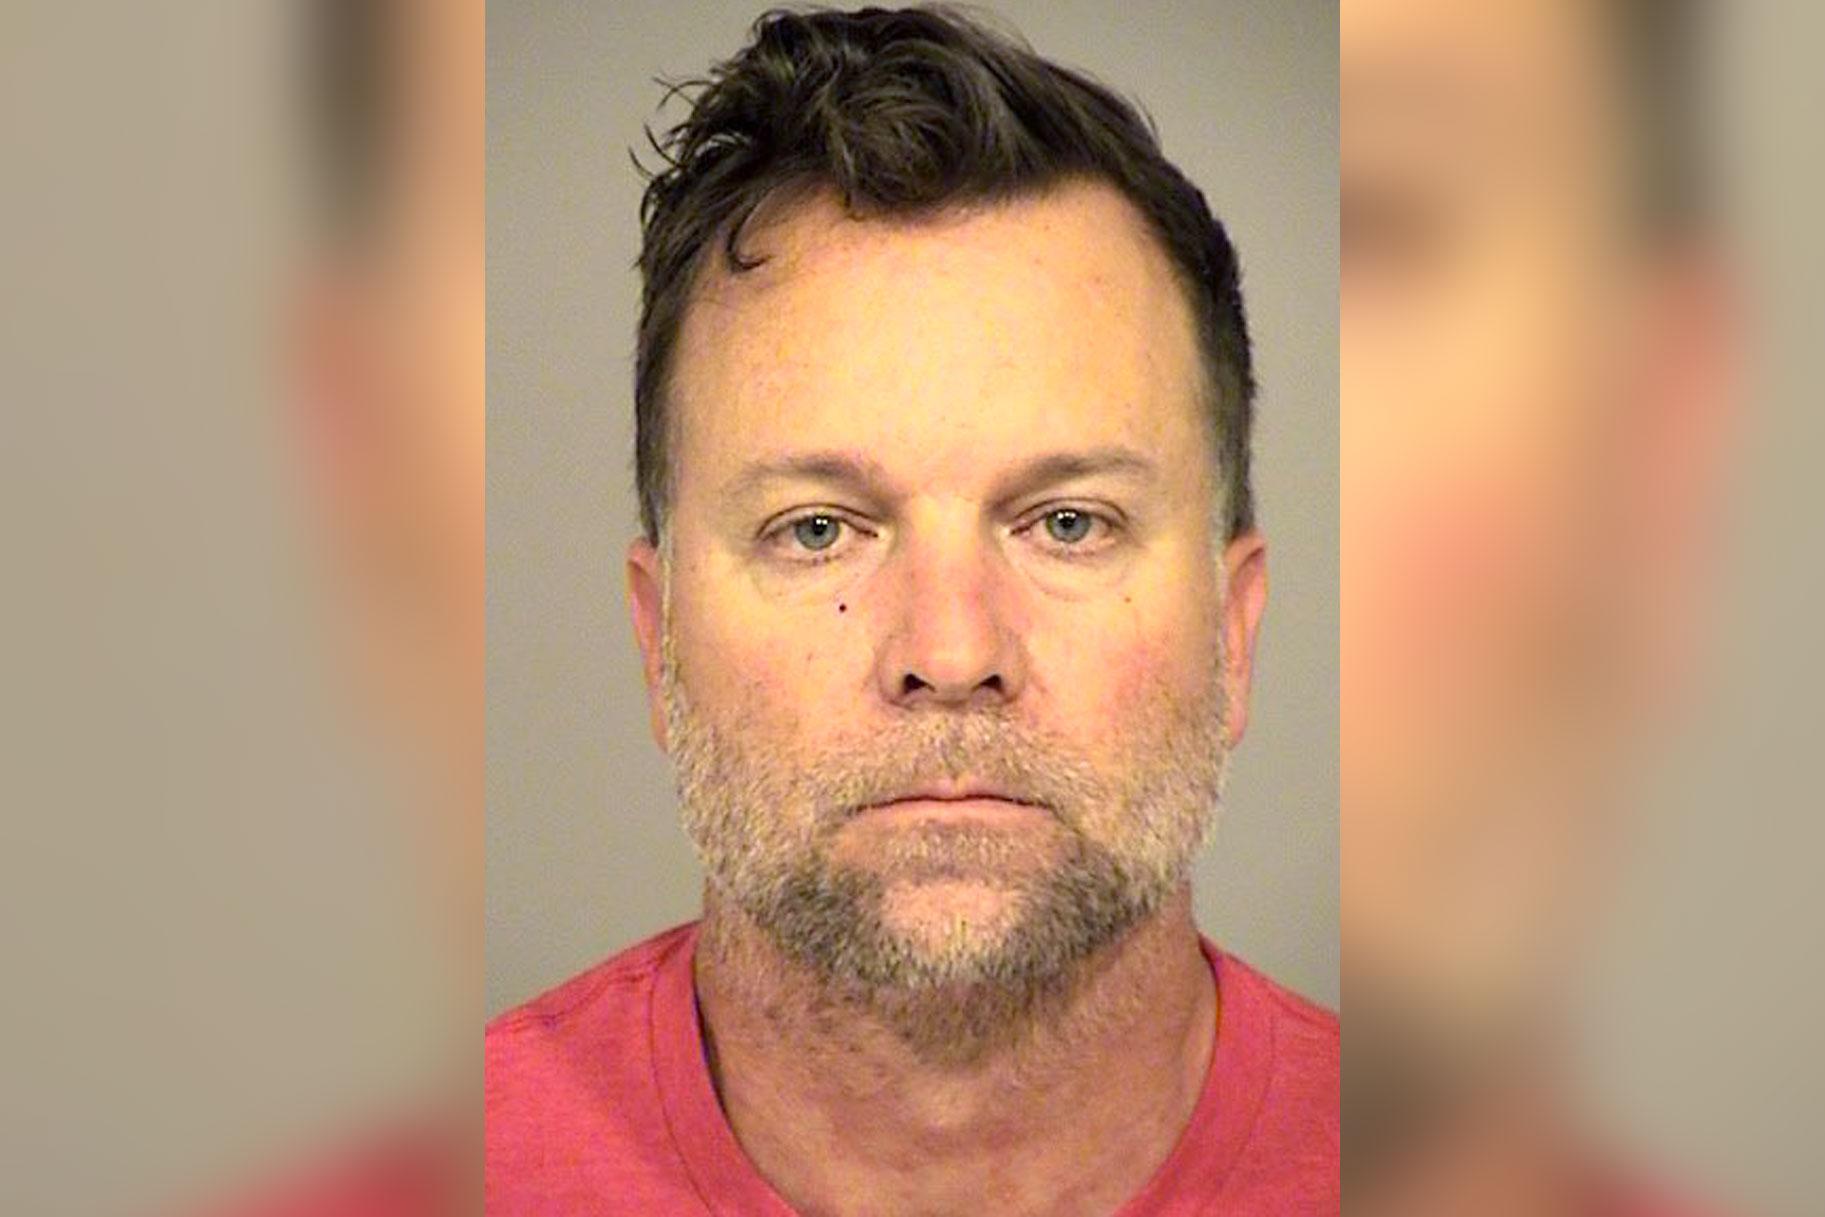 15-årig pige, der indgav voldtægtspåstand, blev seksuelt overfaldet af detektiv, der skulle undersøge det